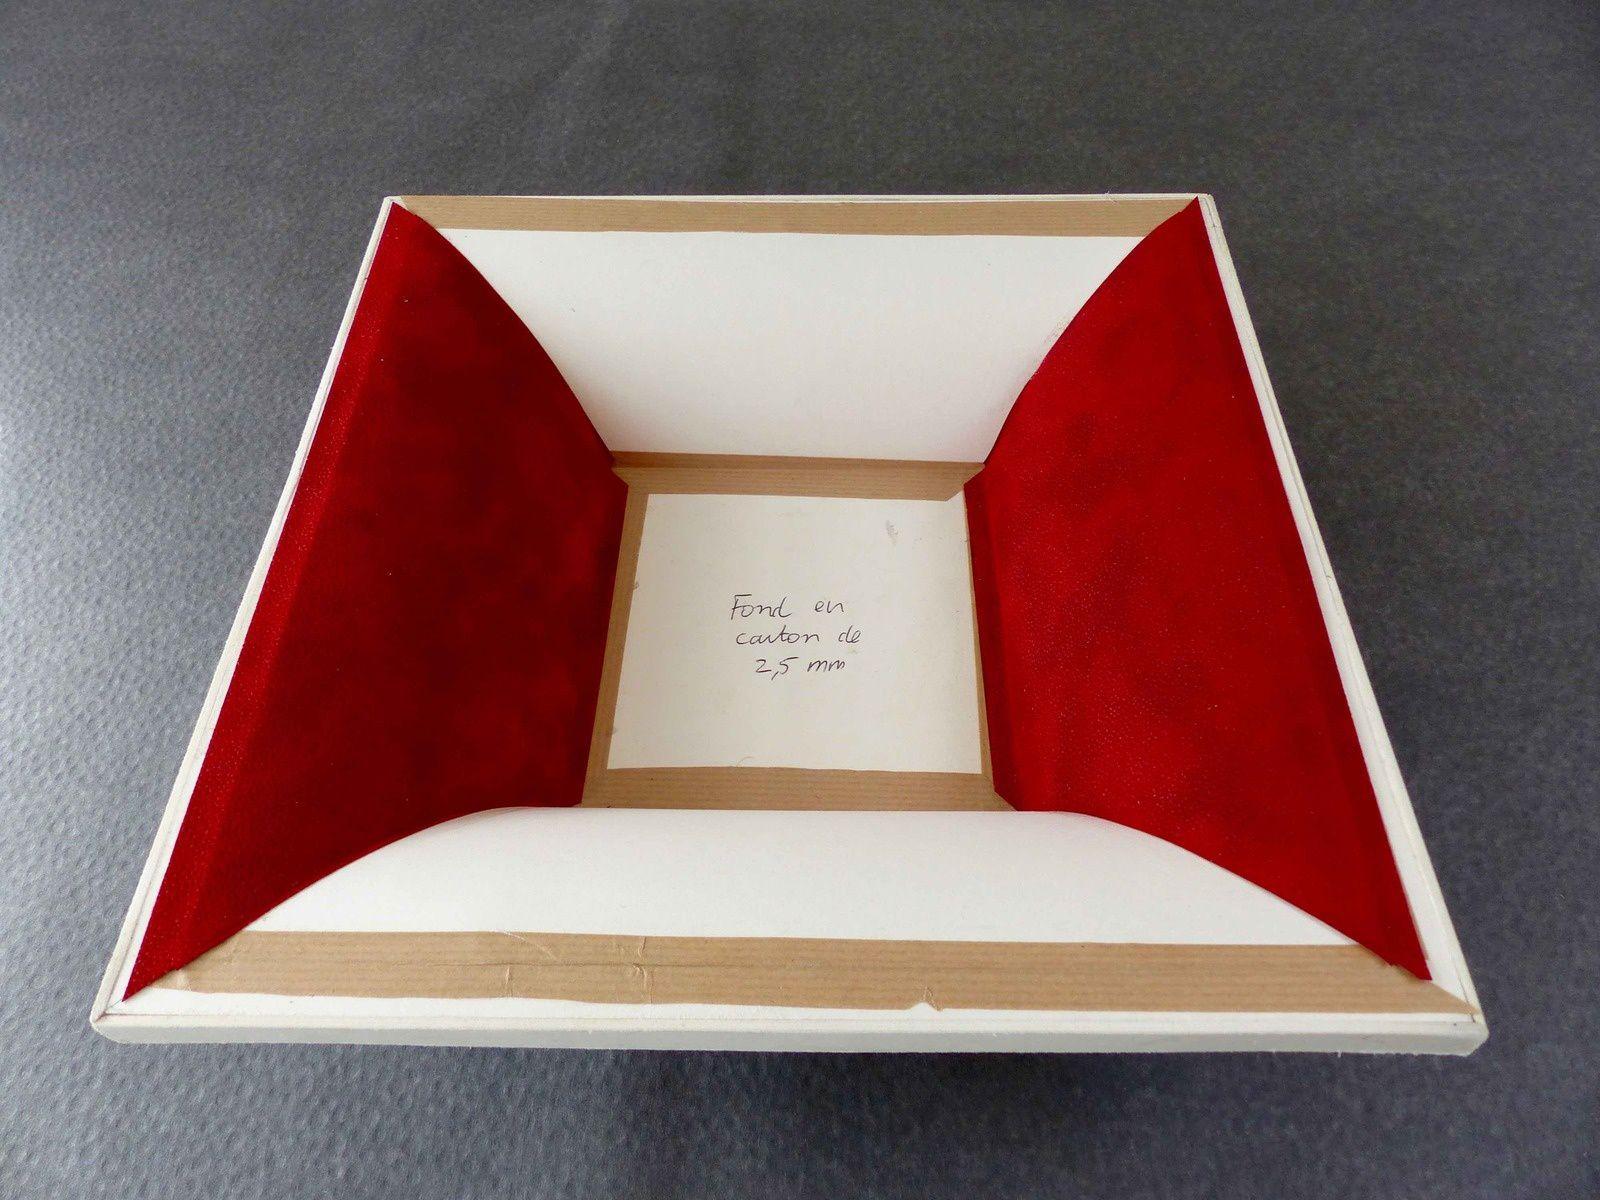 l'habillage des pentes se fait en face à face en laissant dépasser 1mm dans chaque angle puis les papiers des 2 autres pentes sont  rembordées avant pose.